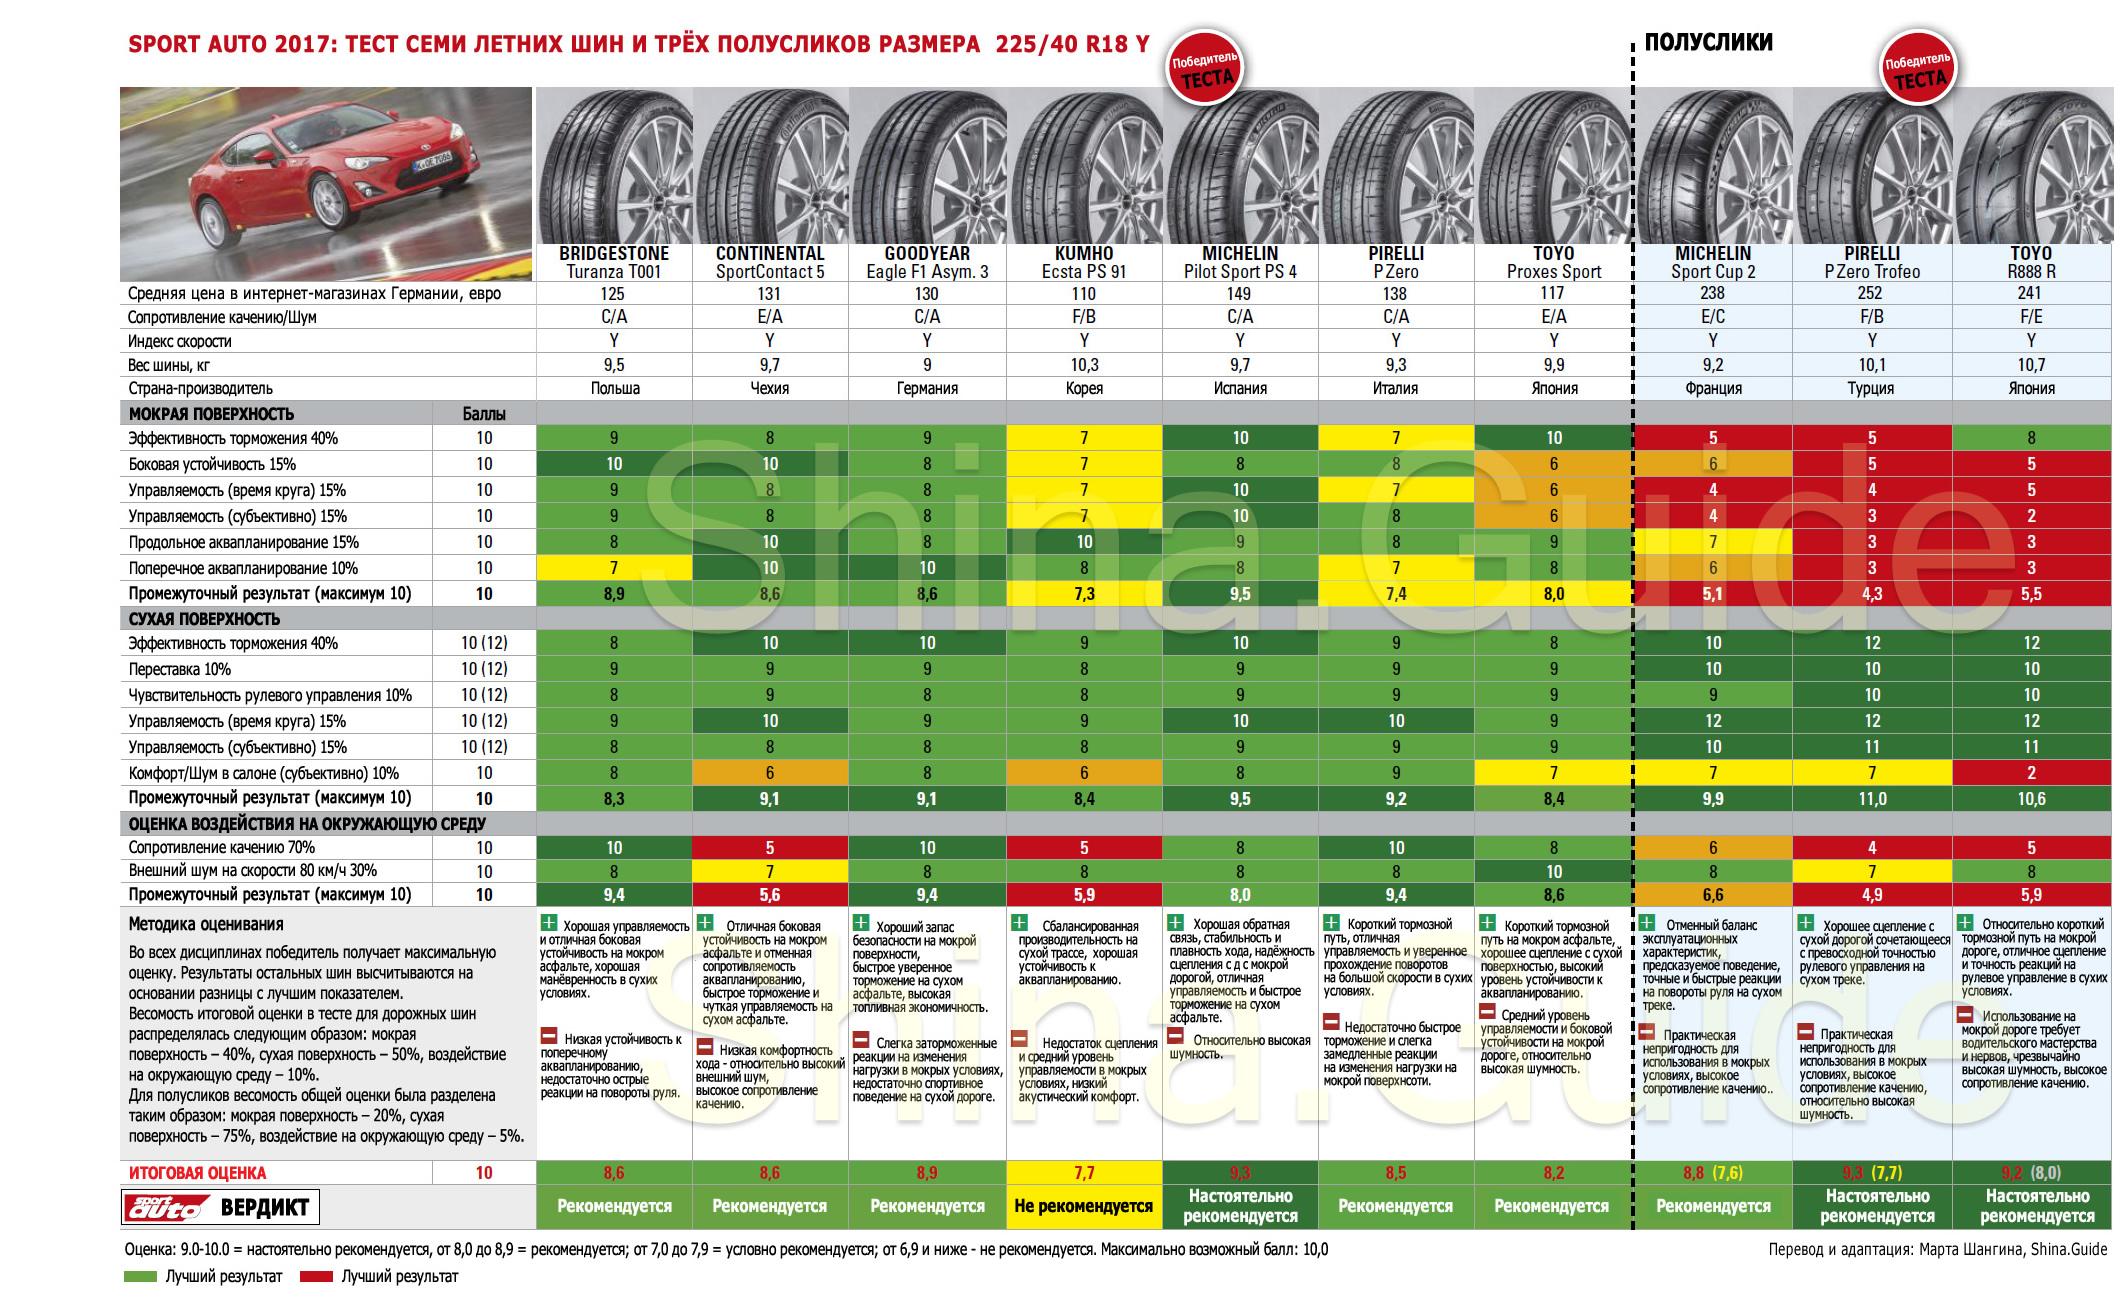 Sport Auto 2017: Тест летних шин и полусликов 225/40 R18. Сводная таблица результатов